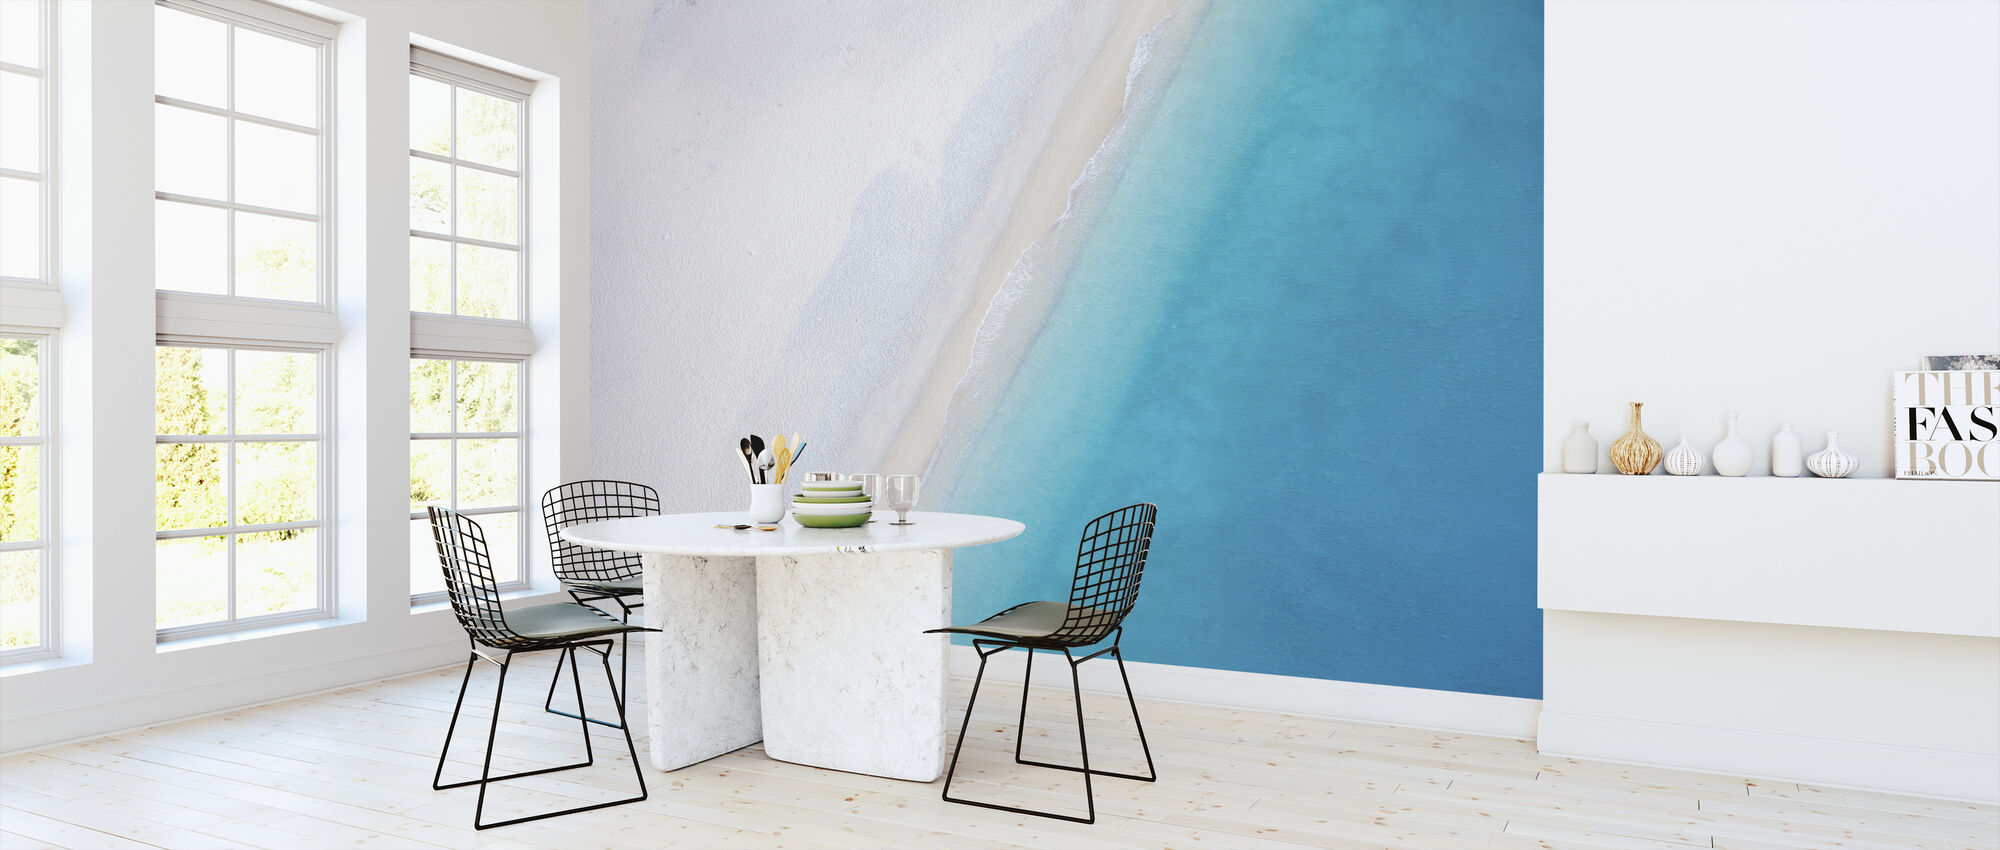 Deserted Sandy Beach - Wallpaper - Kitchen